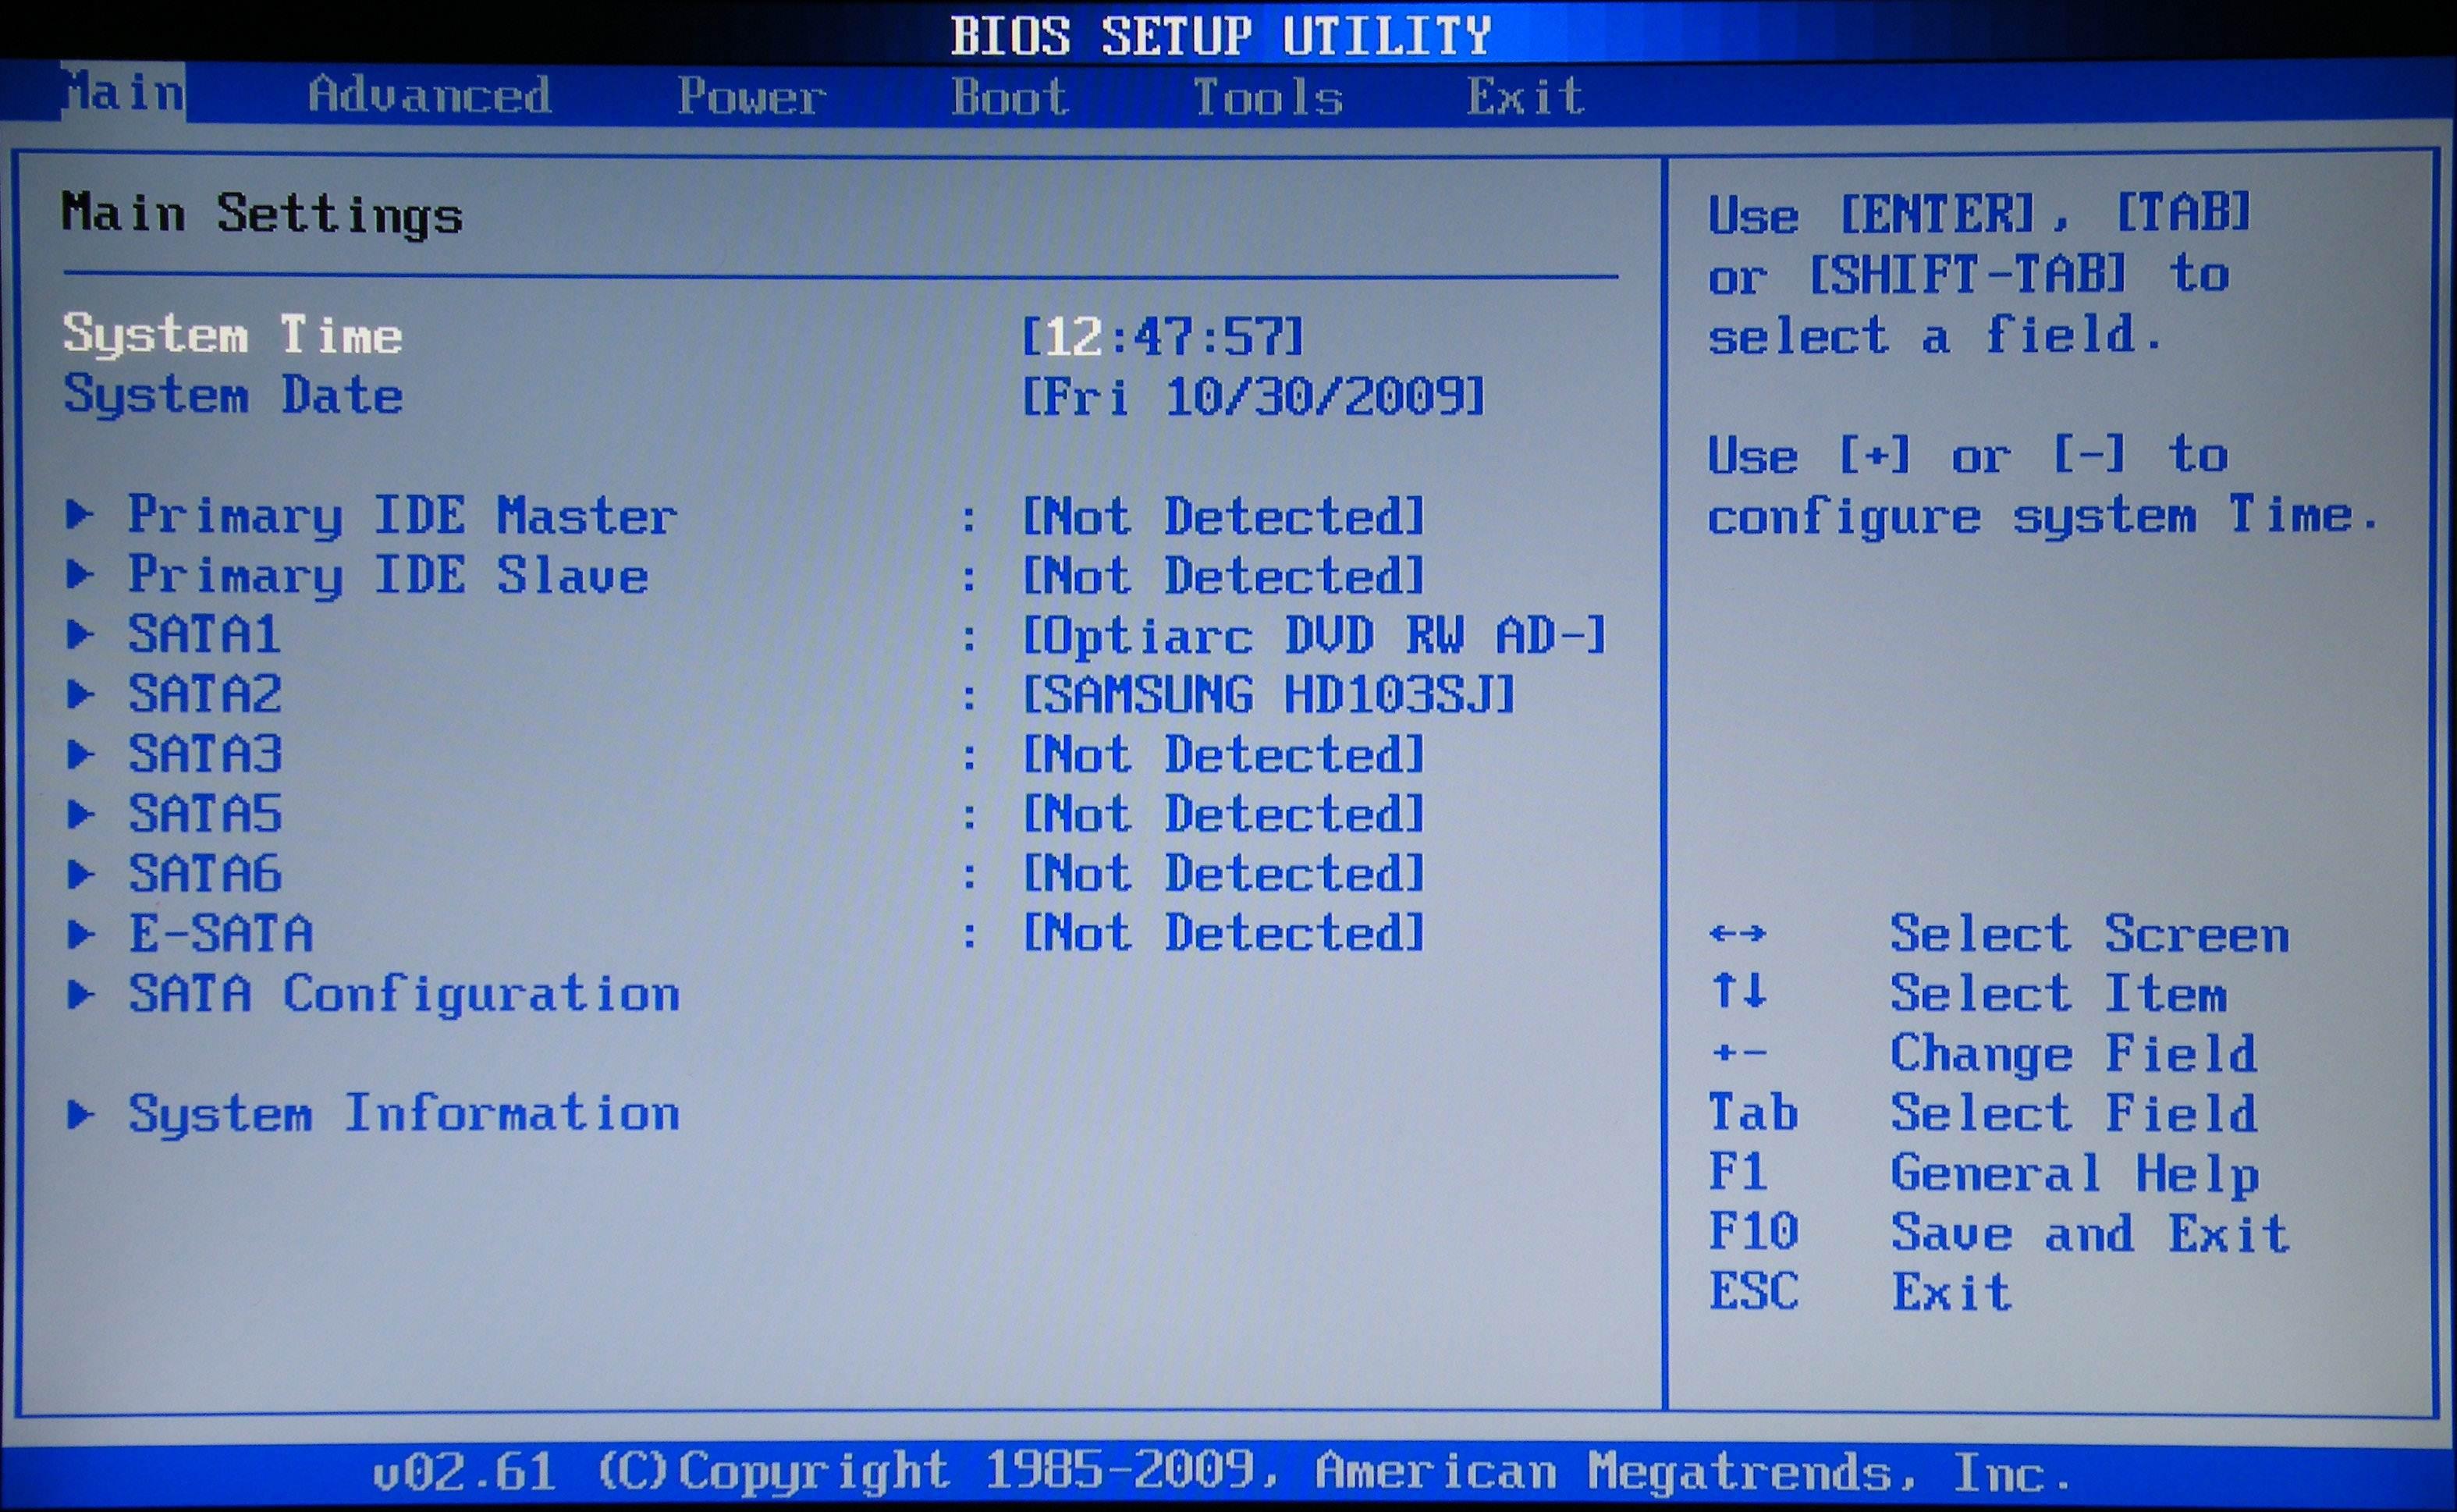 Біос в комп'ютері